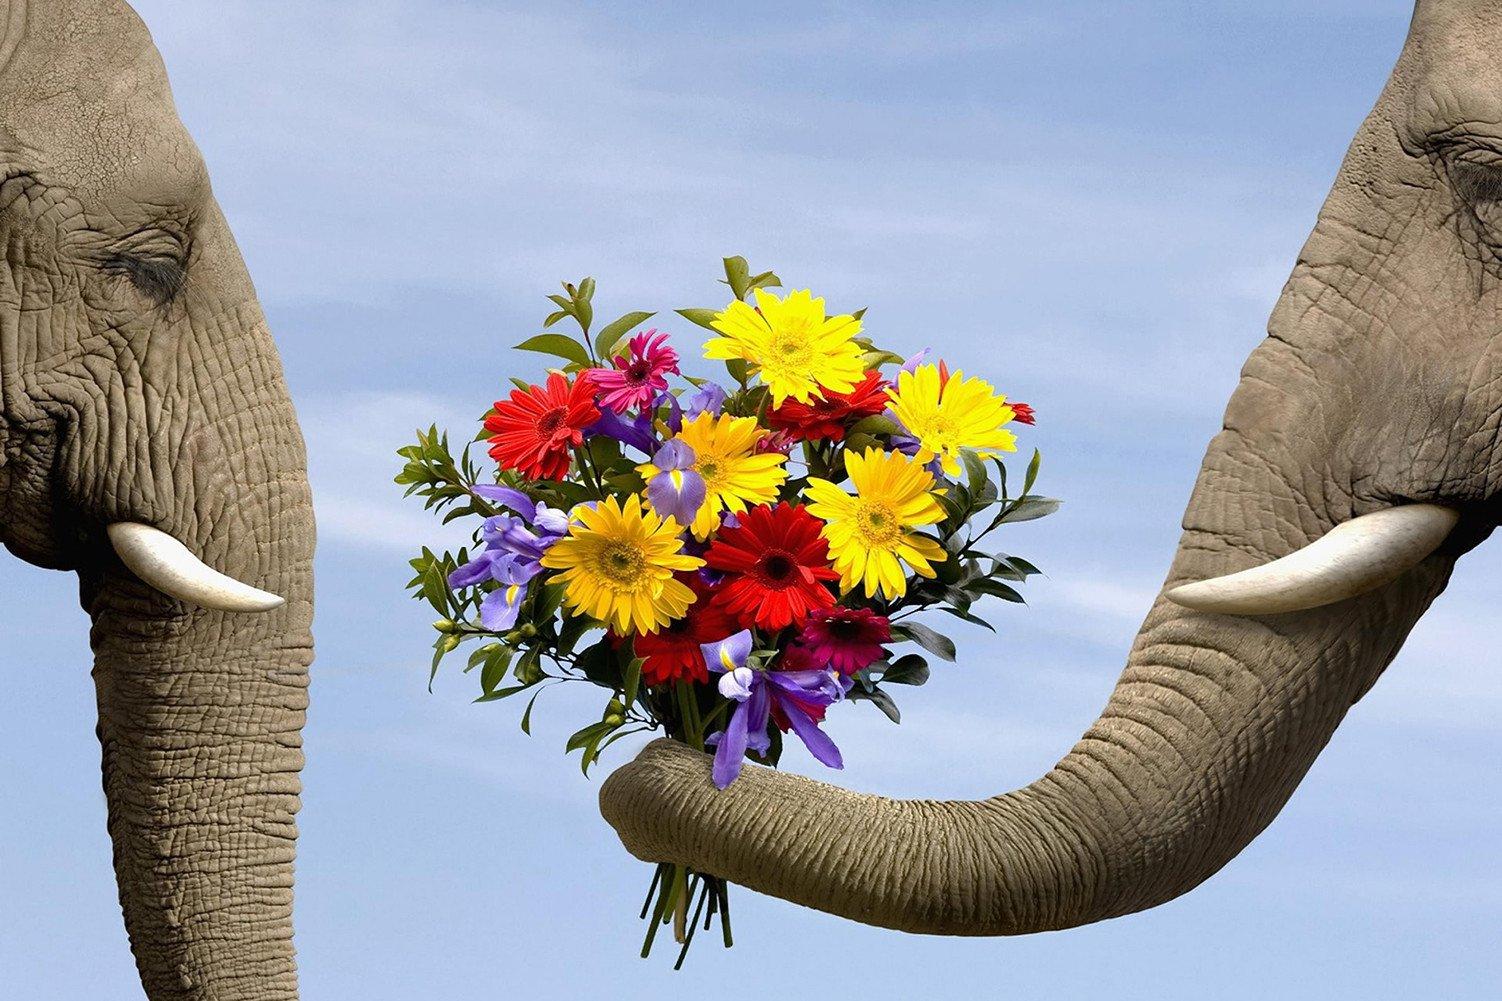 CHOIS Custom Films CF3308 Animal Elephants Flowers Glass Window DIY Stickers 4' W by 3' H